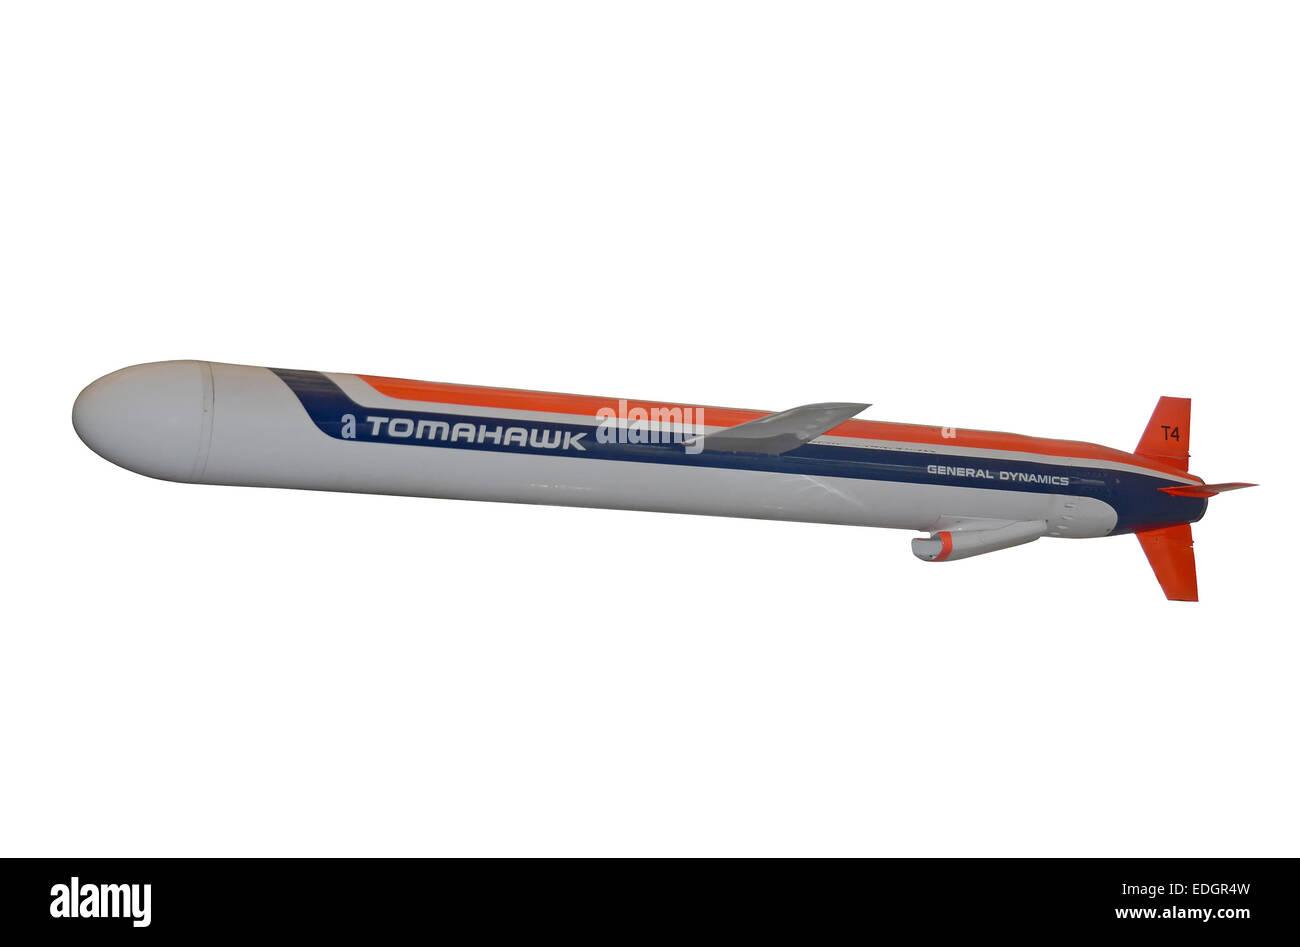 Washington, DC - Abril 17, 2013: la guerra fría Tomahawk misile se muestra al público en Washington, DC. Imagen De Stock